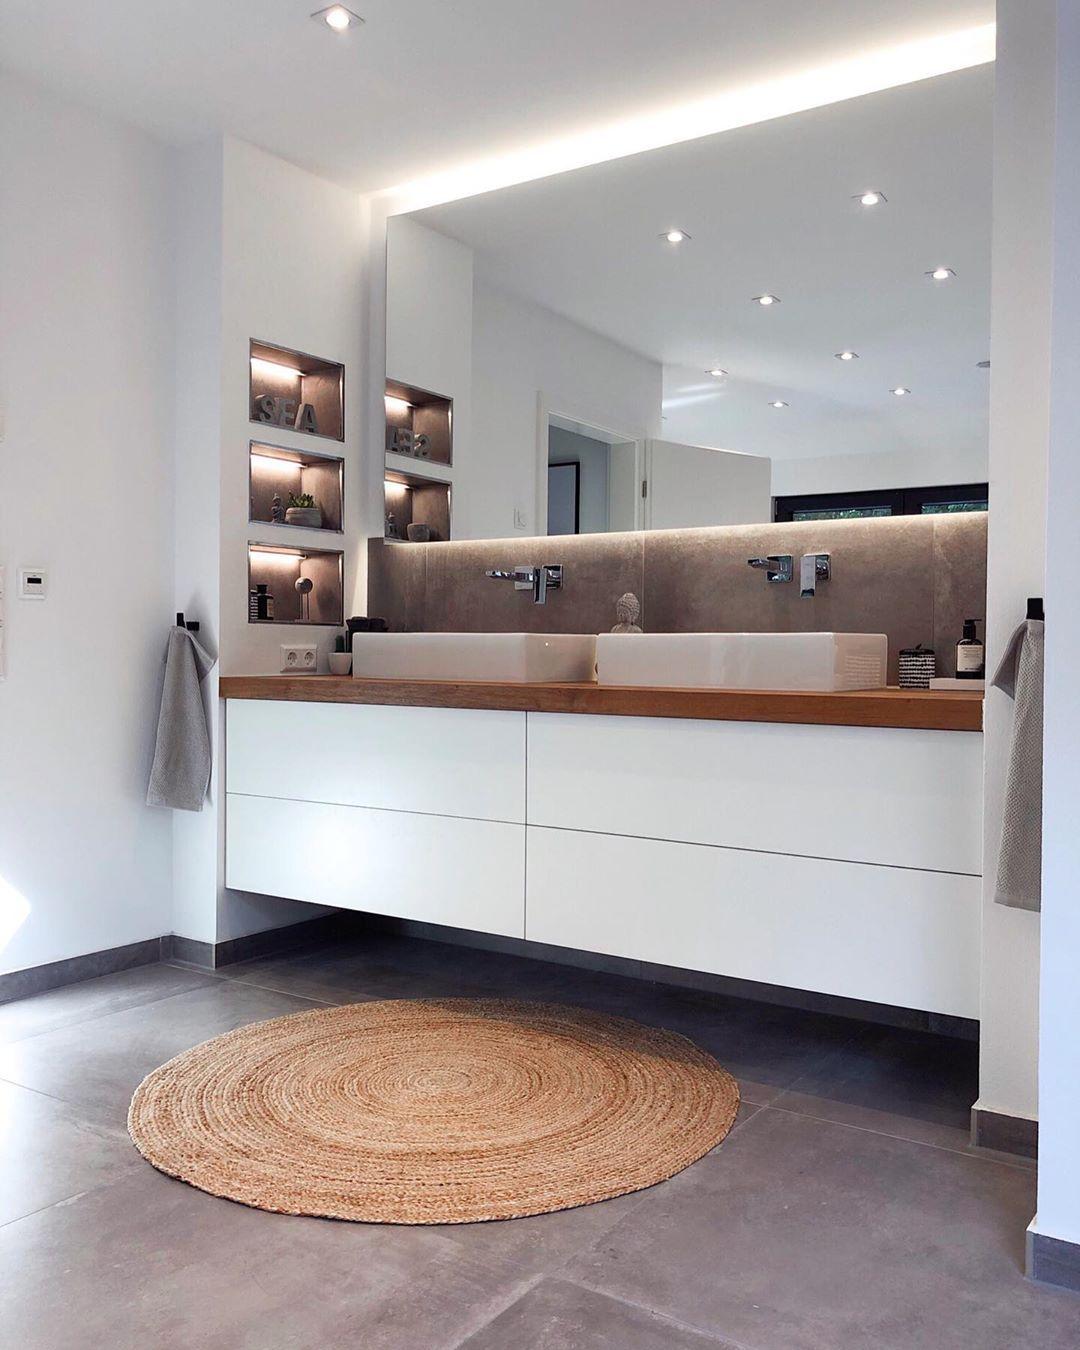 Interior Home On Instagram Werbung Und Hier Noch Das Fertige Ergebnis Mit Unserem Neuen Jute Tep Stil Badezimmer Jute Teppich Badezimmer Einrichtung